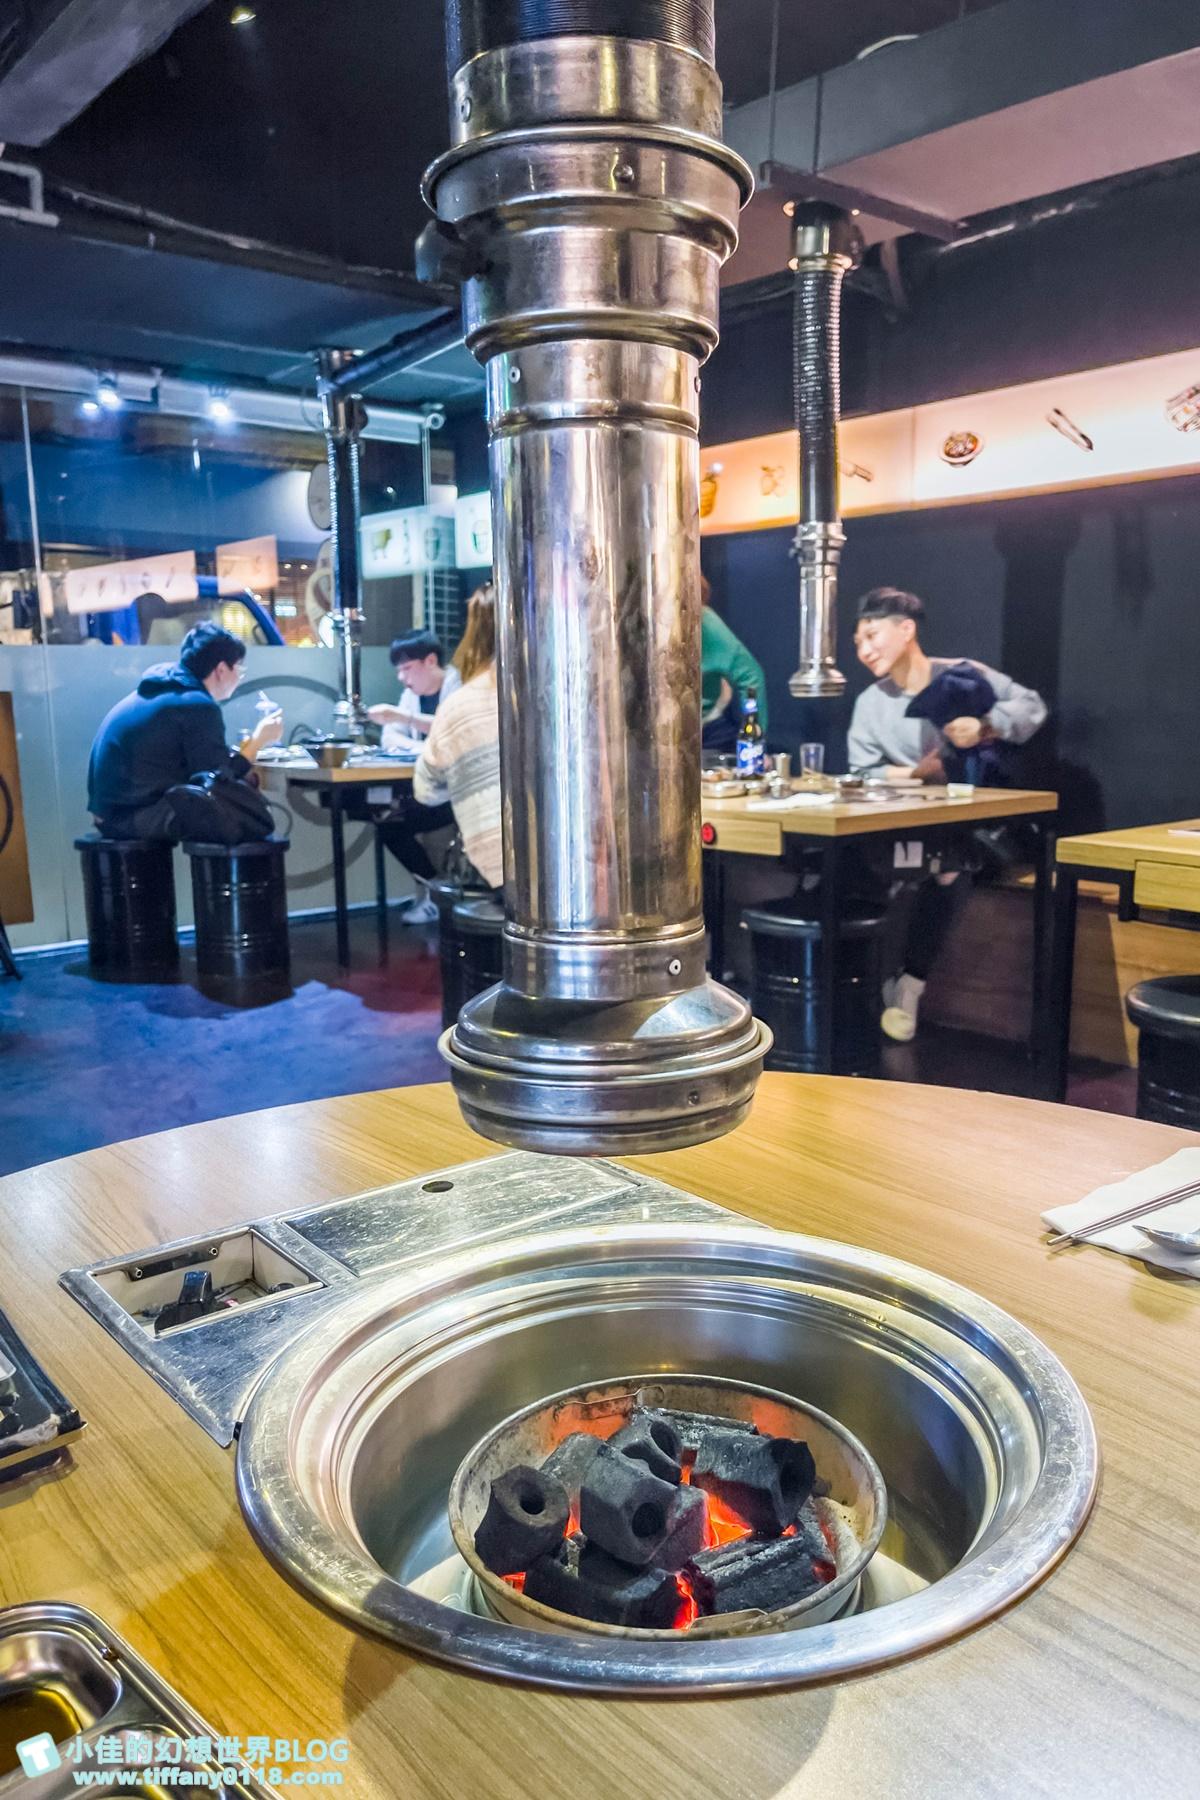 [台北美食]台韓民國韓式燒肉店/超特別鳳梨燒酒及各式韓式料理/專人桌邊代烤讓妳大口吃肉